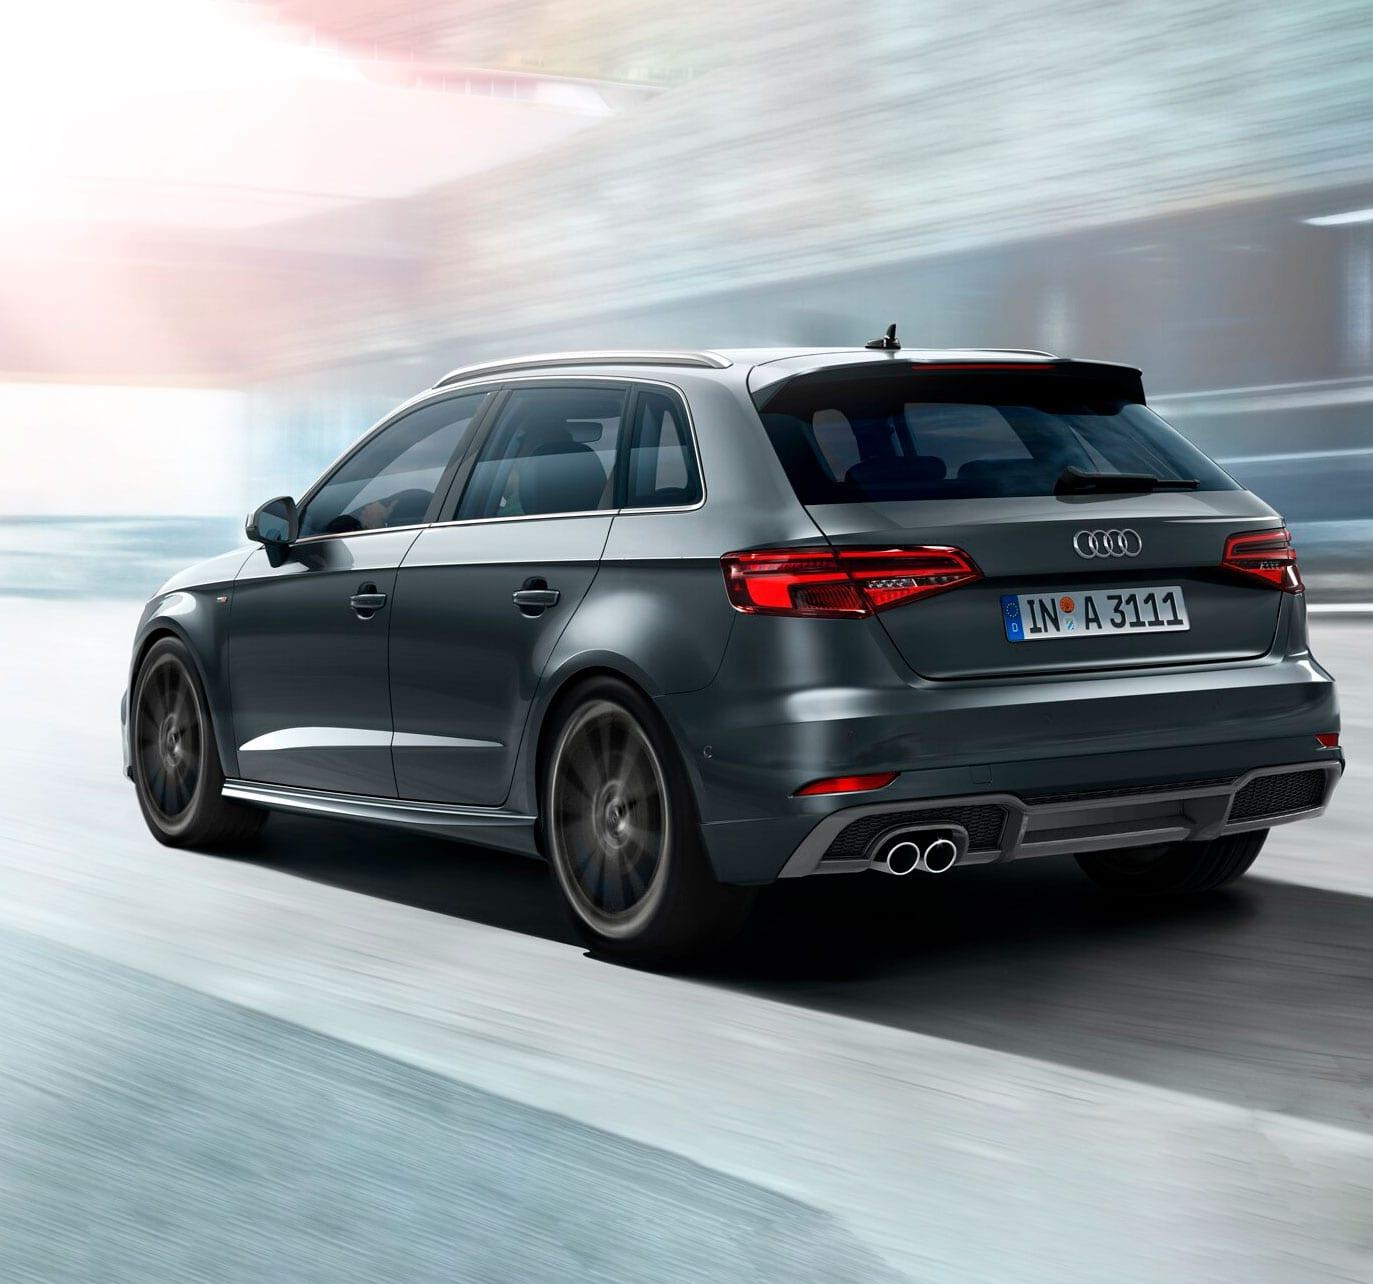 Audi A3 en carretera